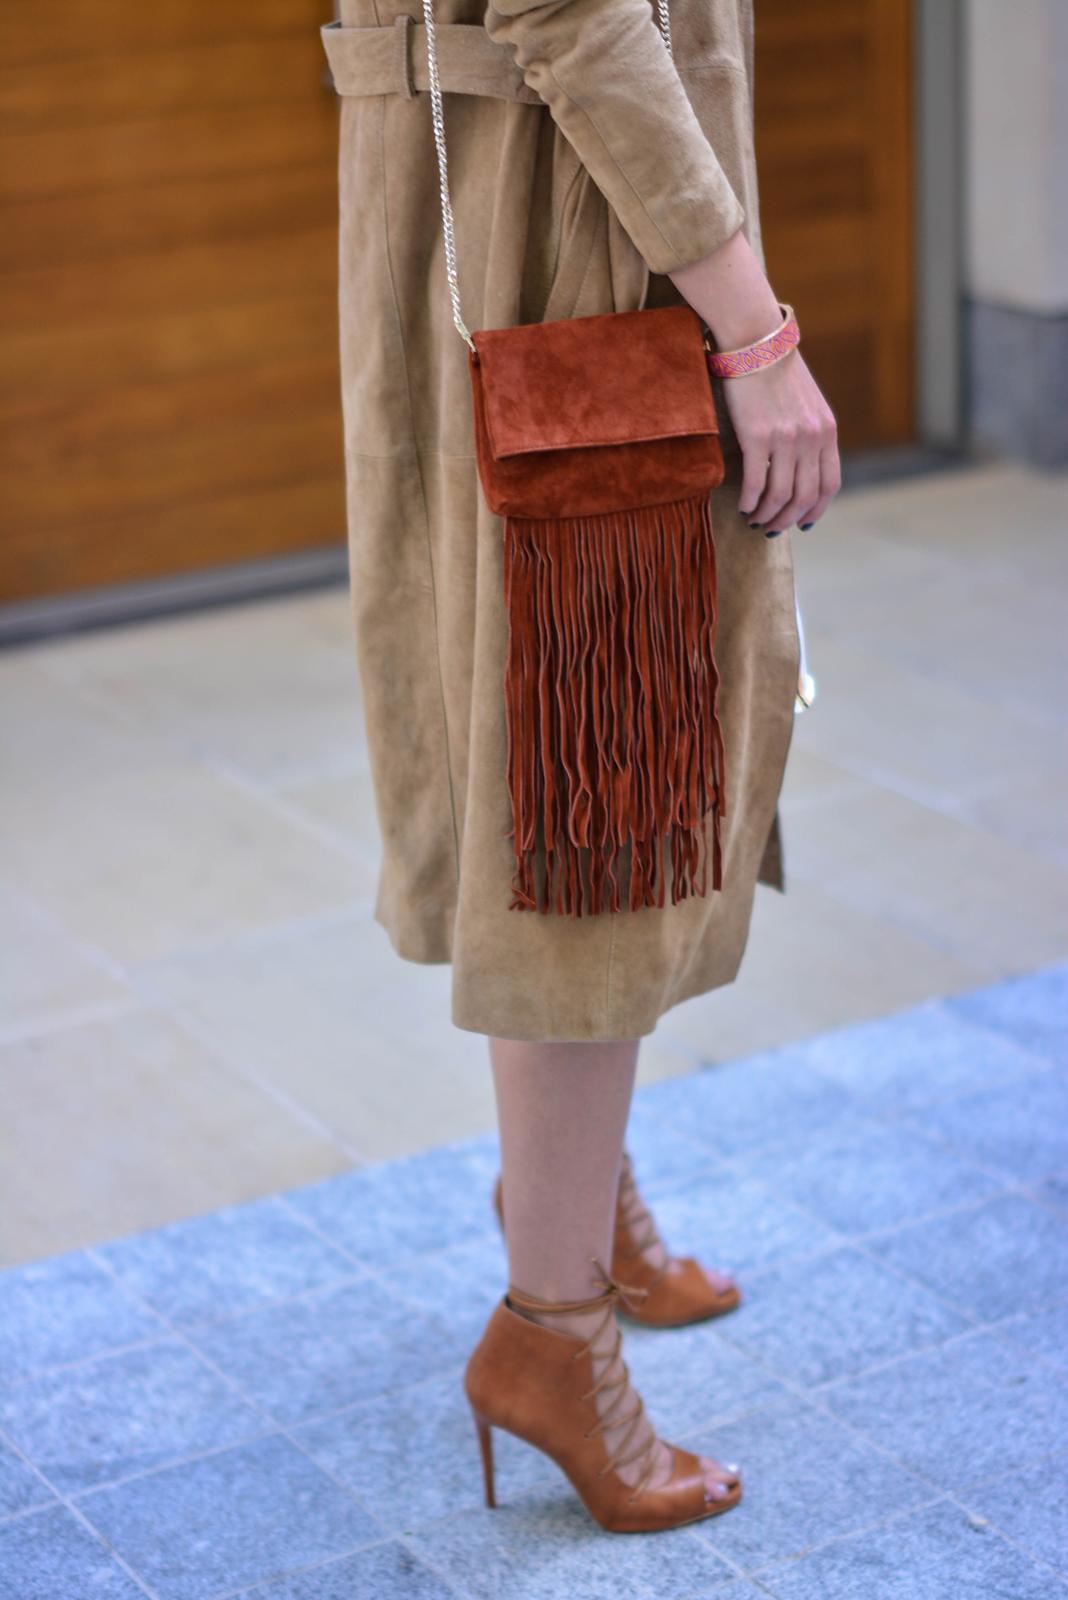 EJSTYLE - Emma Hill wears Gestuz suede trench coat, tan lace up heels, Karen Millen suded fringe bag, OOTD